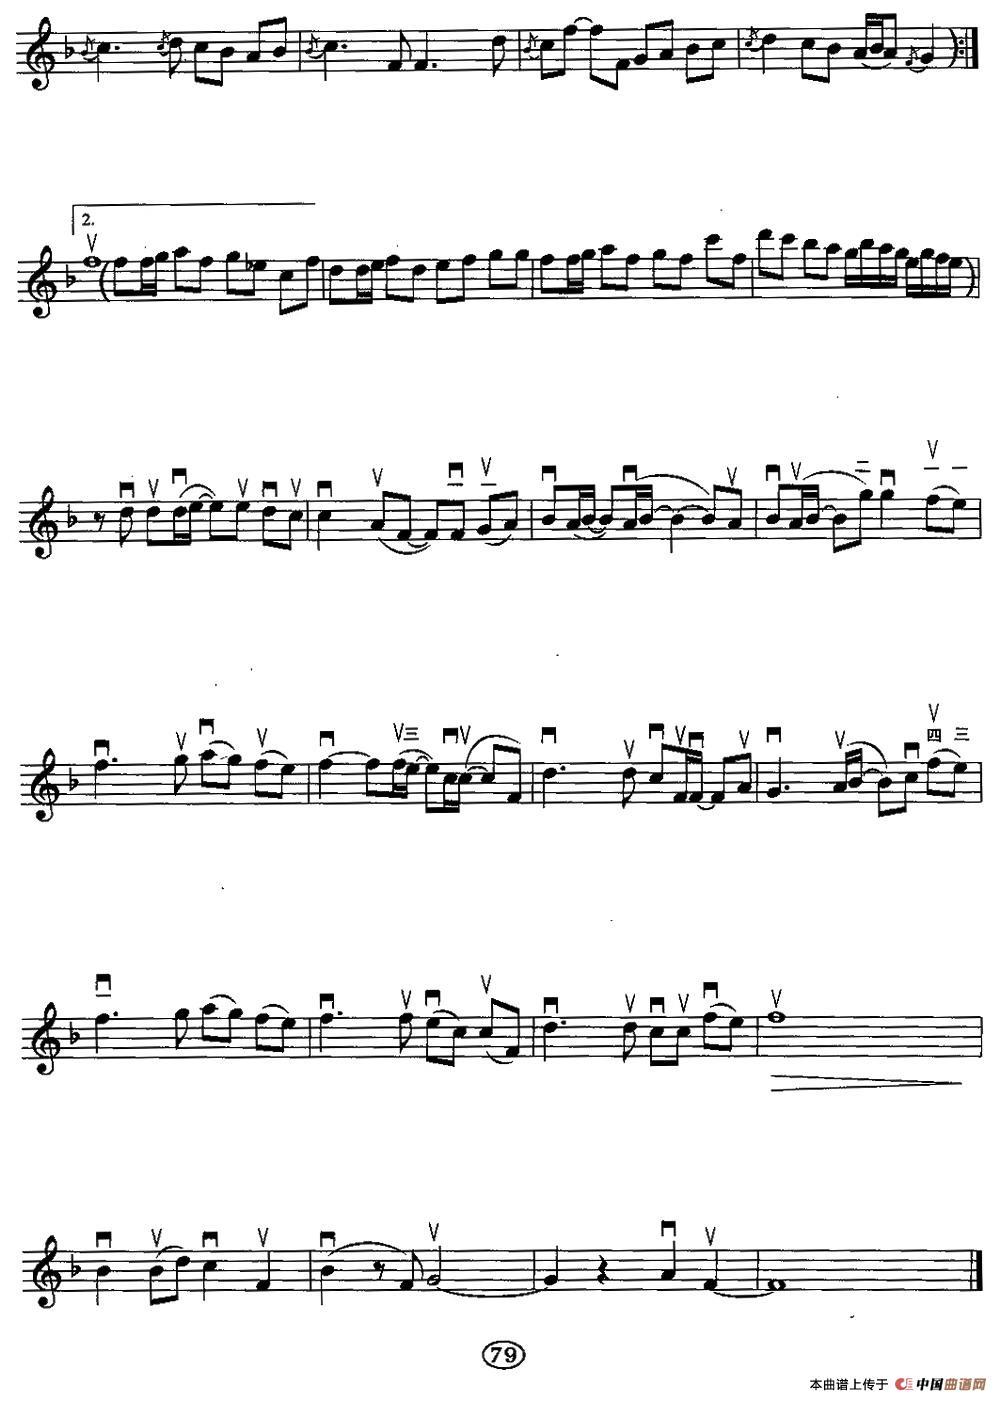 简谱-挥着翅膀的女孩二胡谱 胡琴谱 器乐乐谱 中国曲谱网